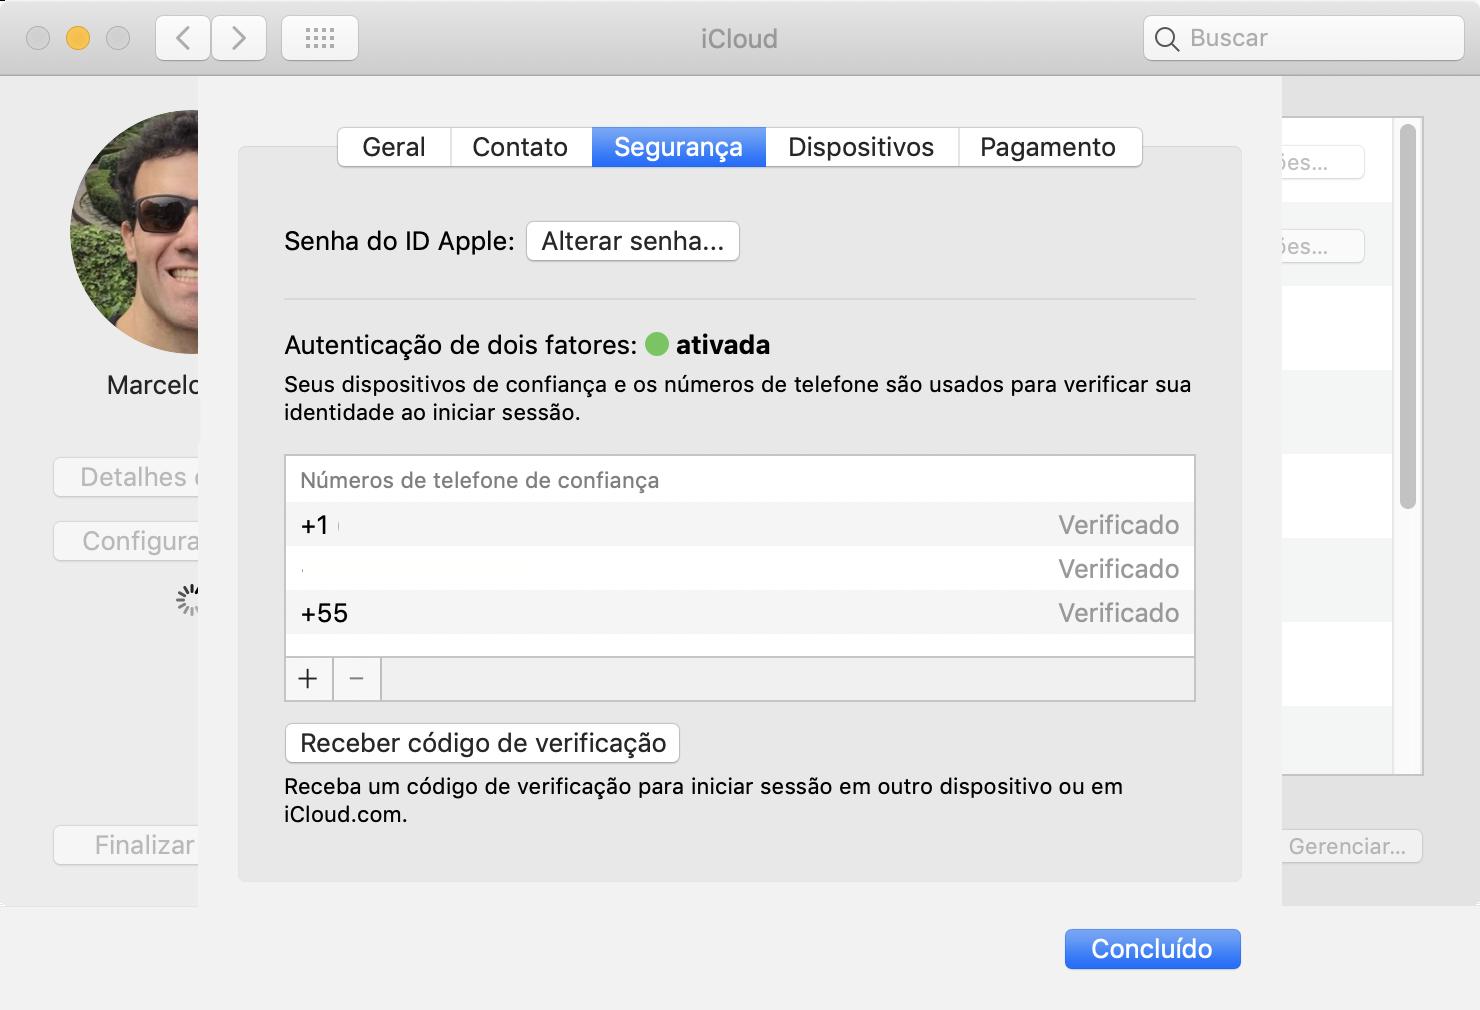 Receber Código de Verificação no macOS